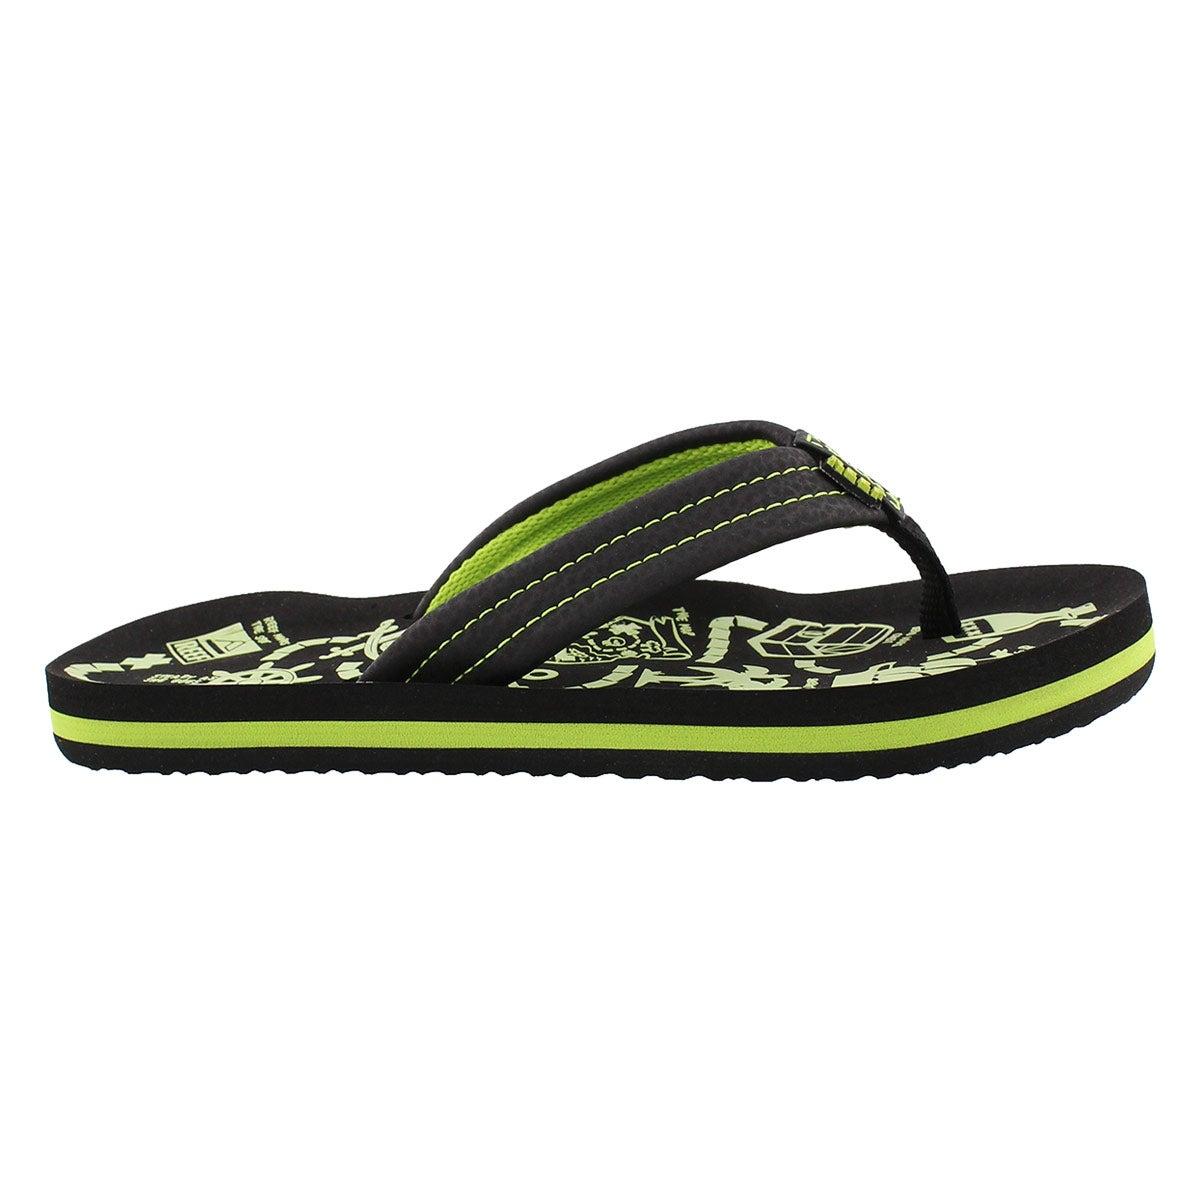 Sandale tong AHI Glow, noir/vert, gar�on